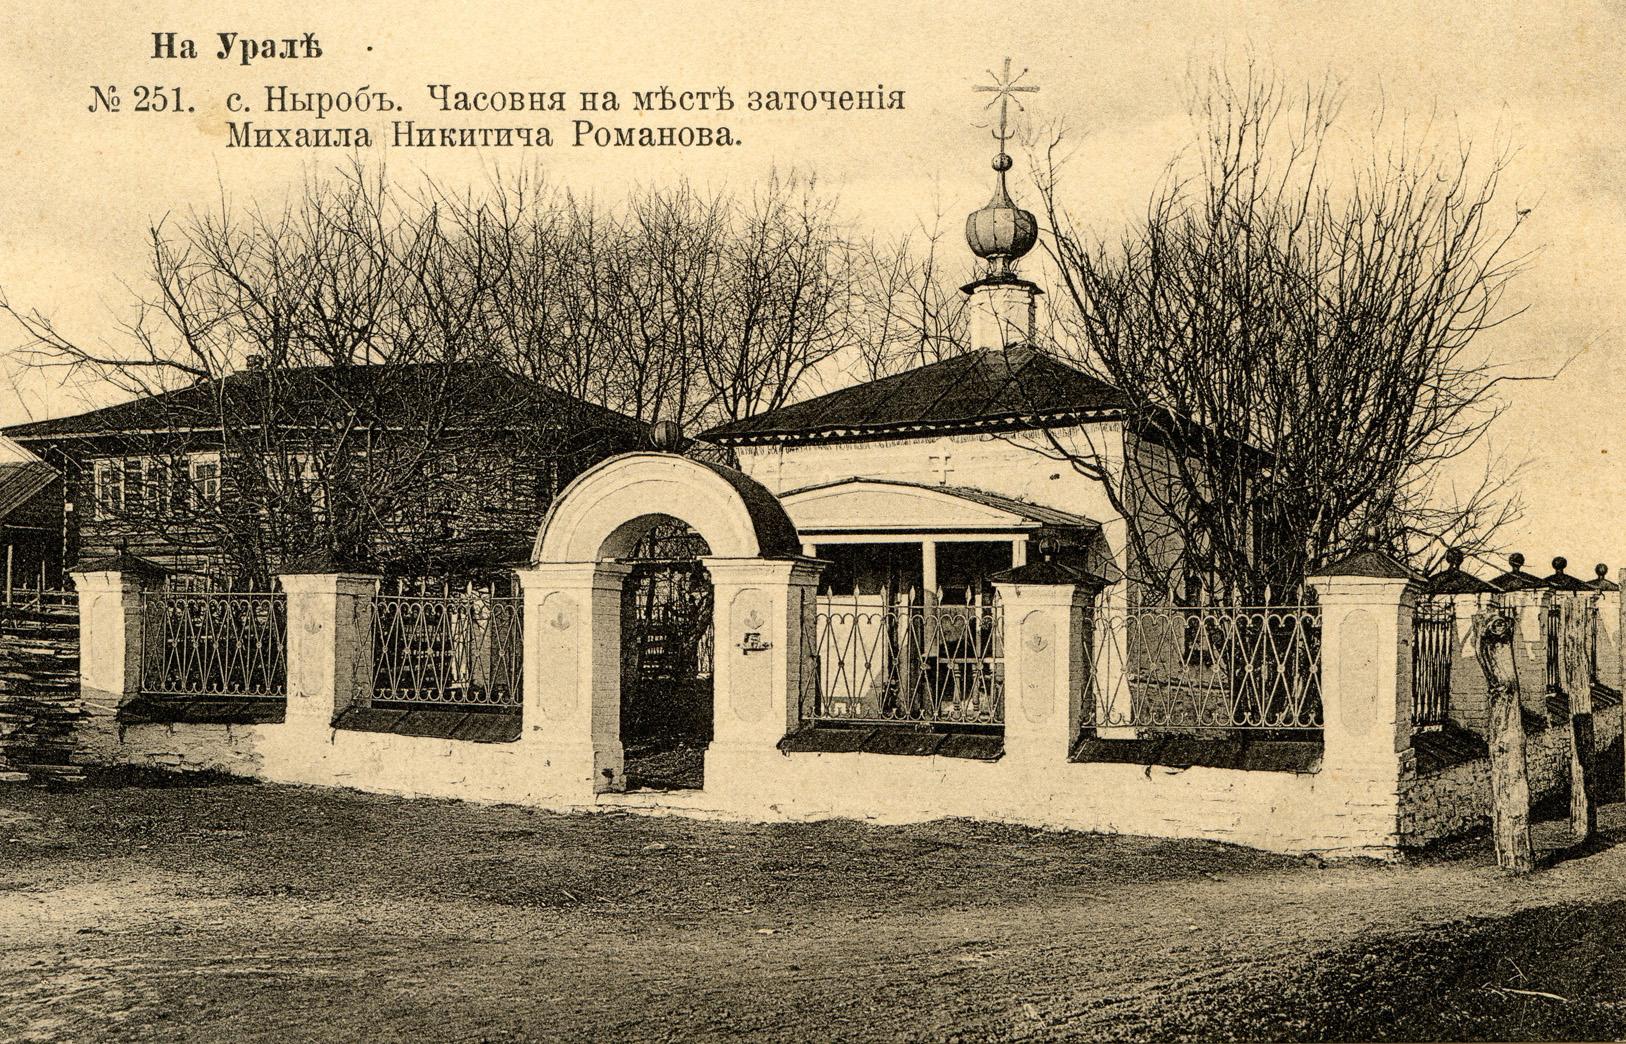 Часовня на месте заточения Михаила Никитича Романова